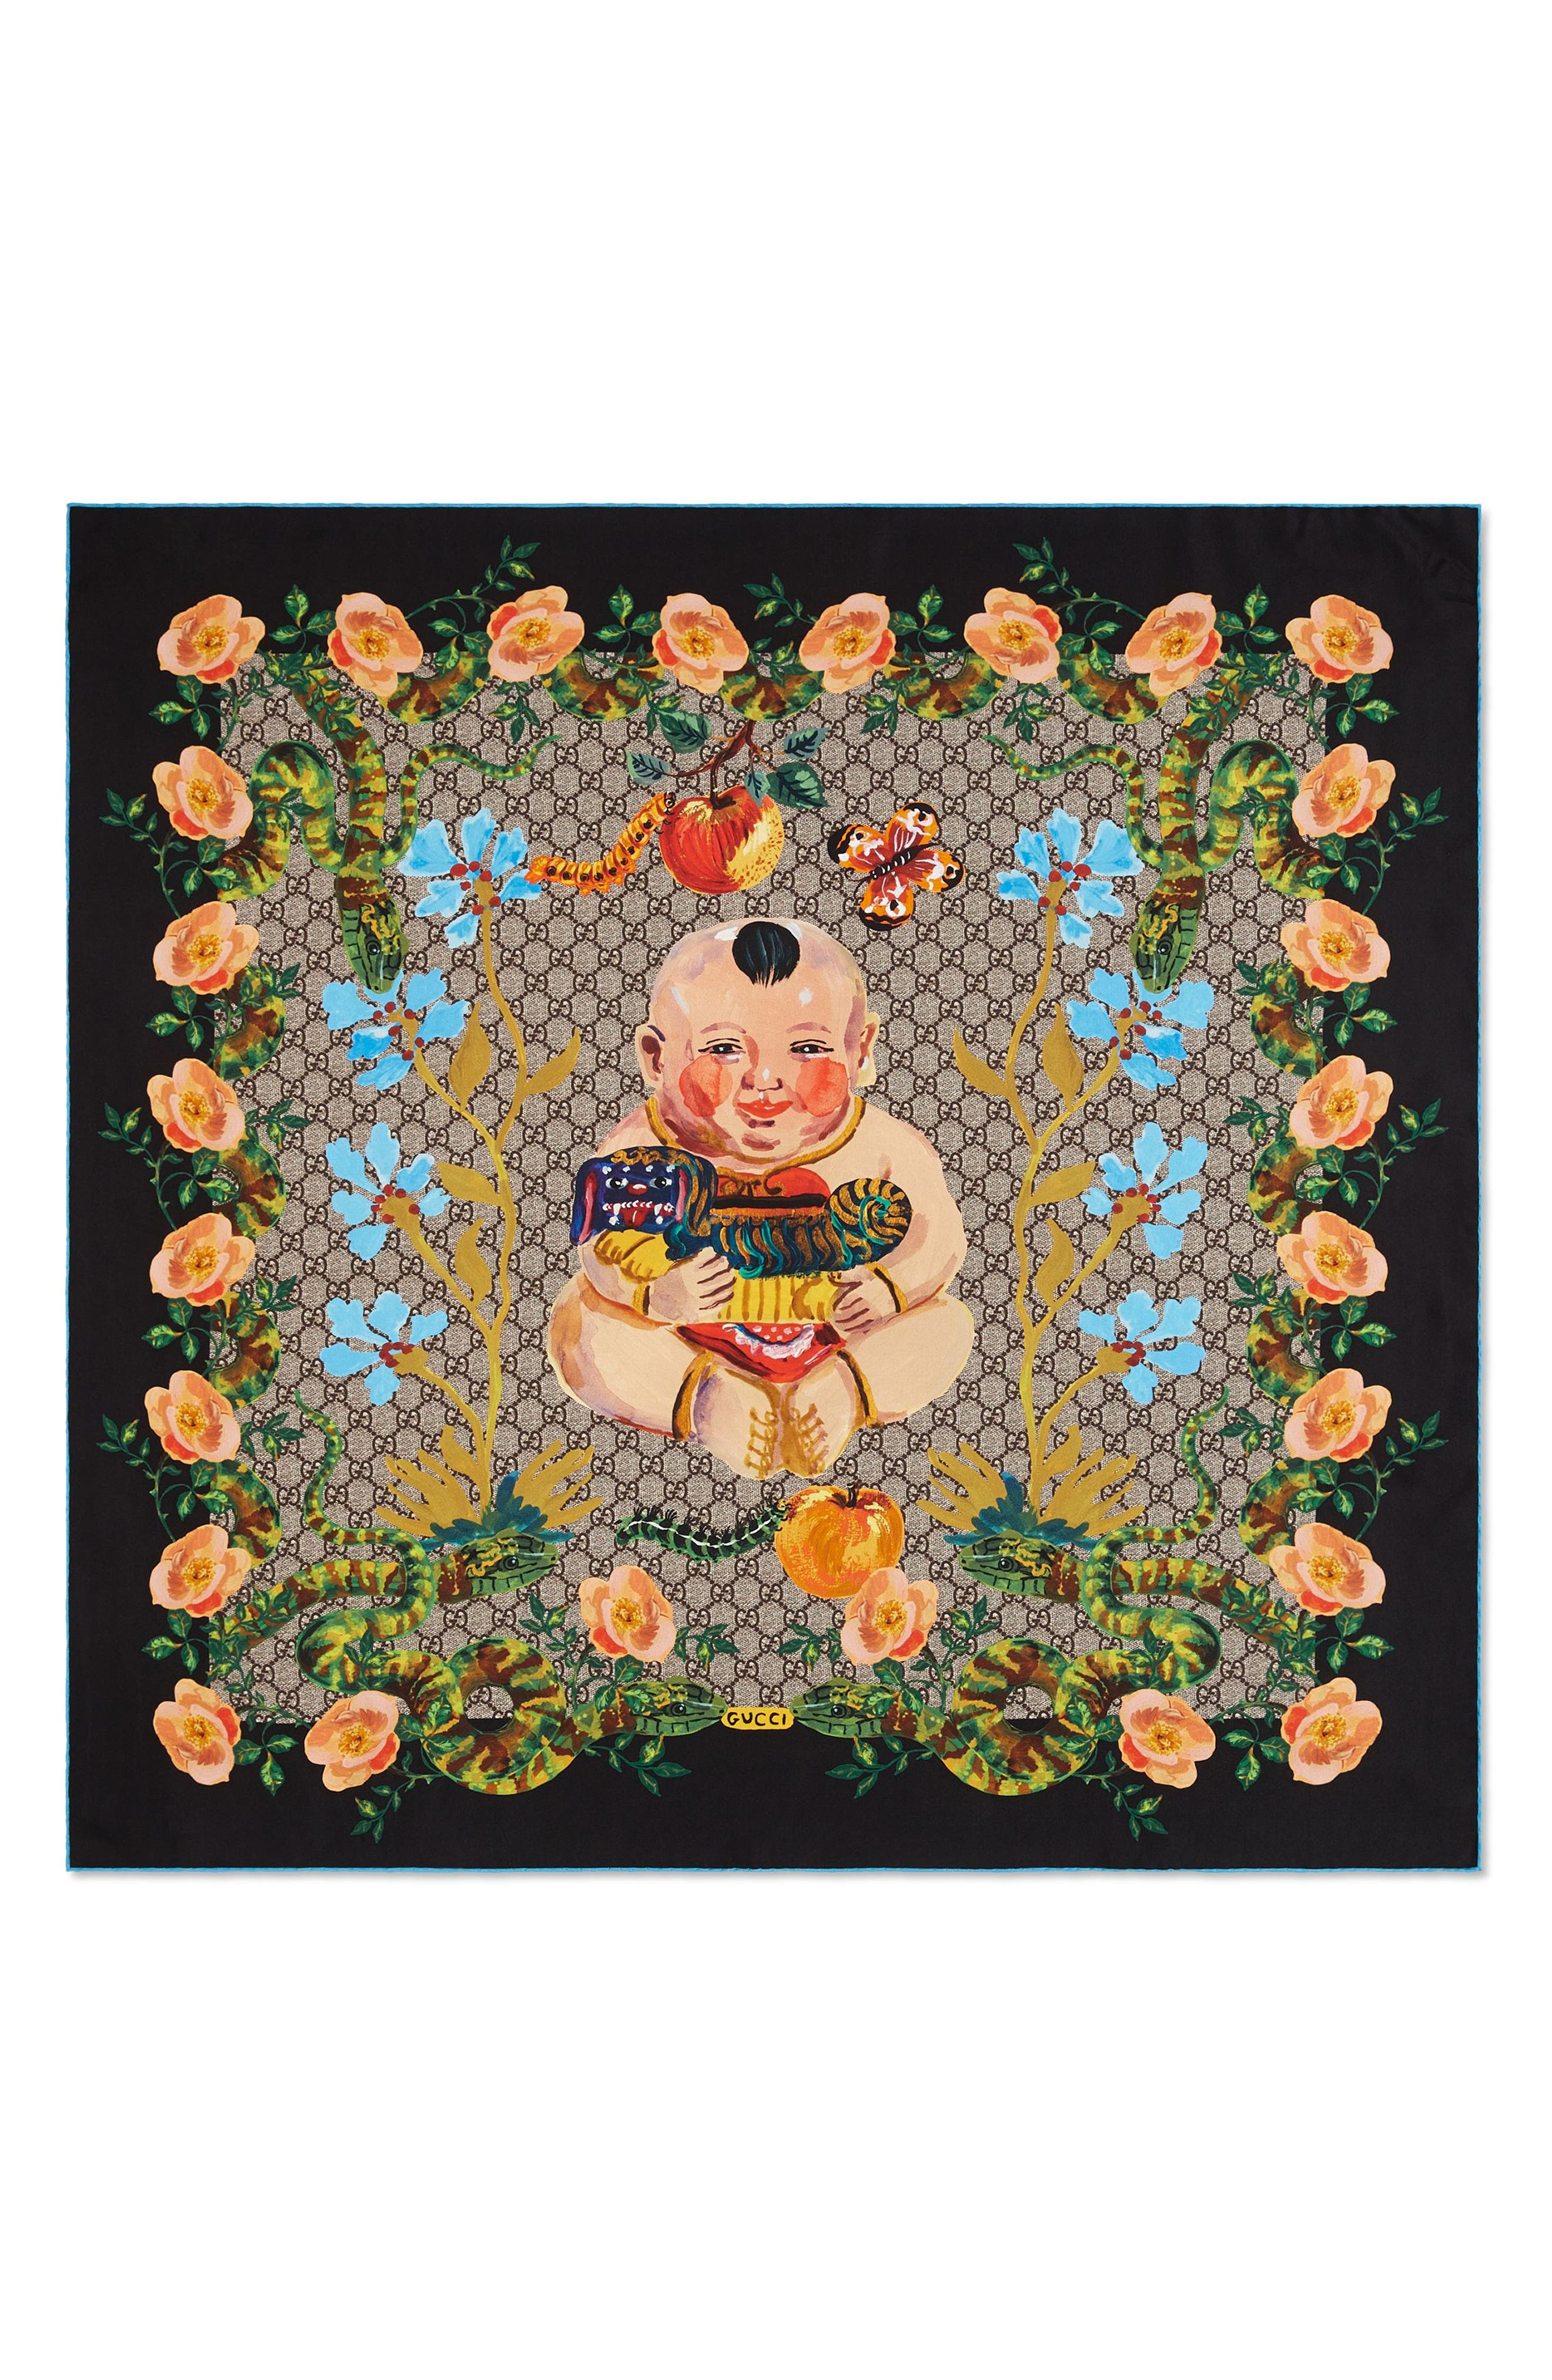 Gucci GG Baby & Flowers Print Silk Twill Scarf